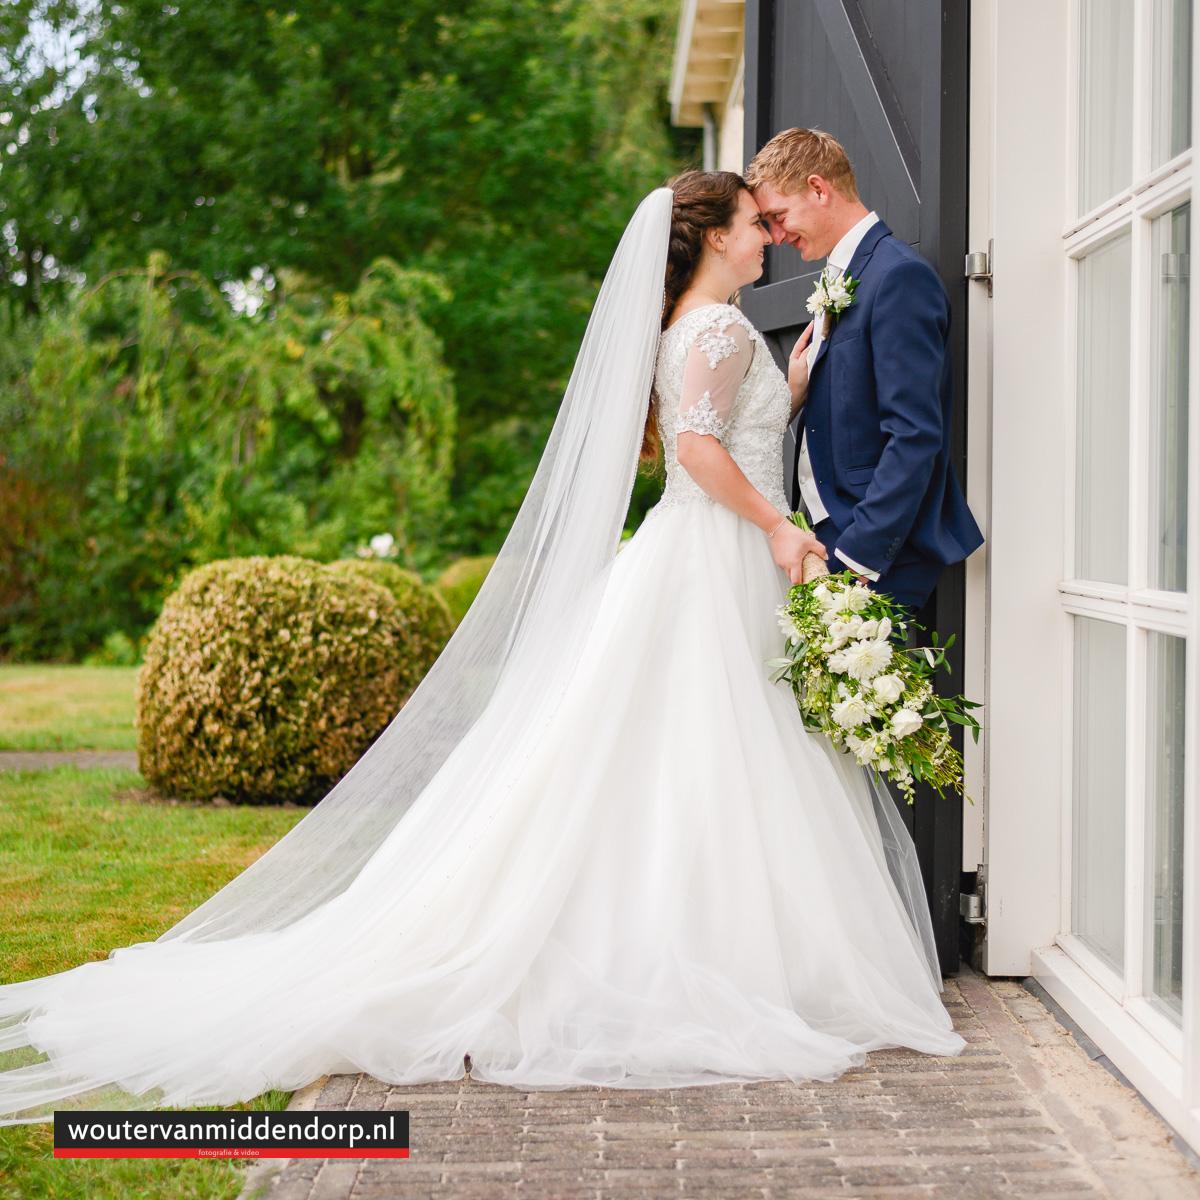 fotografie omgeving, Elspeet, Goes, Zeeland, Veluwe, bruidsfotograaf, Wouter van Middendorp (310)